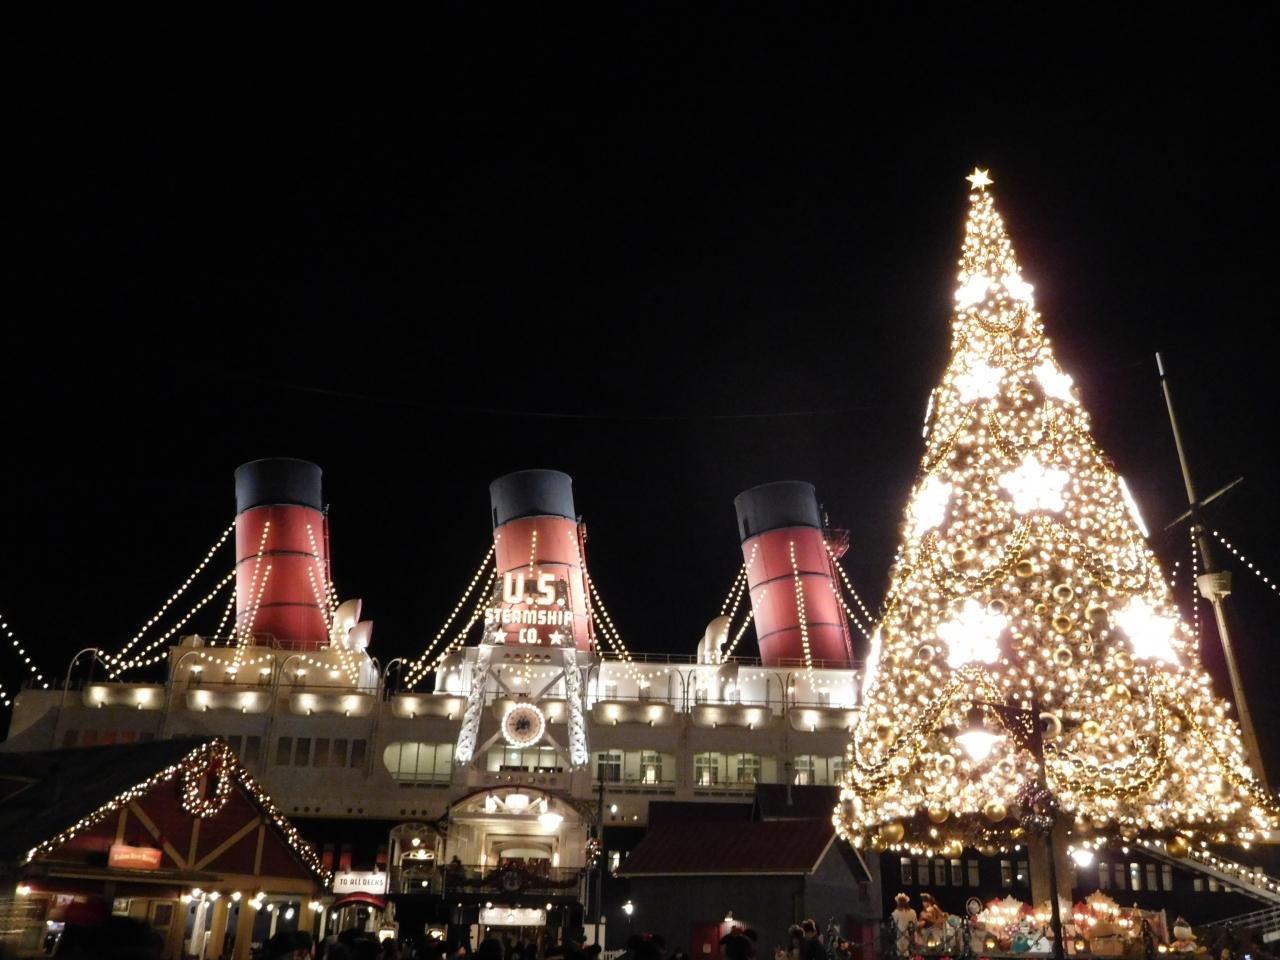 2017 ディズニーリゾートのクリスマス』東京ディズニーリゾート(千葉県